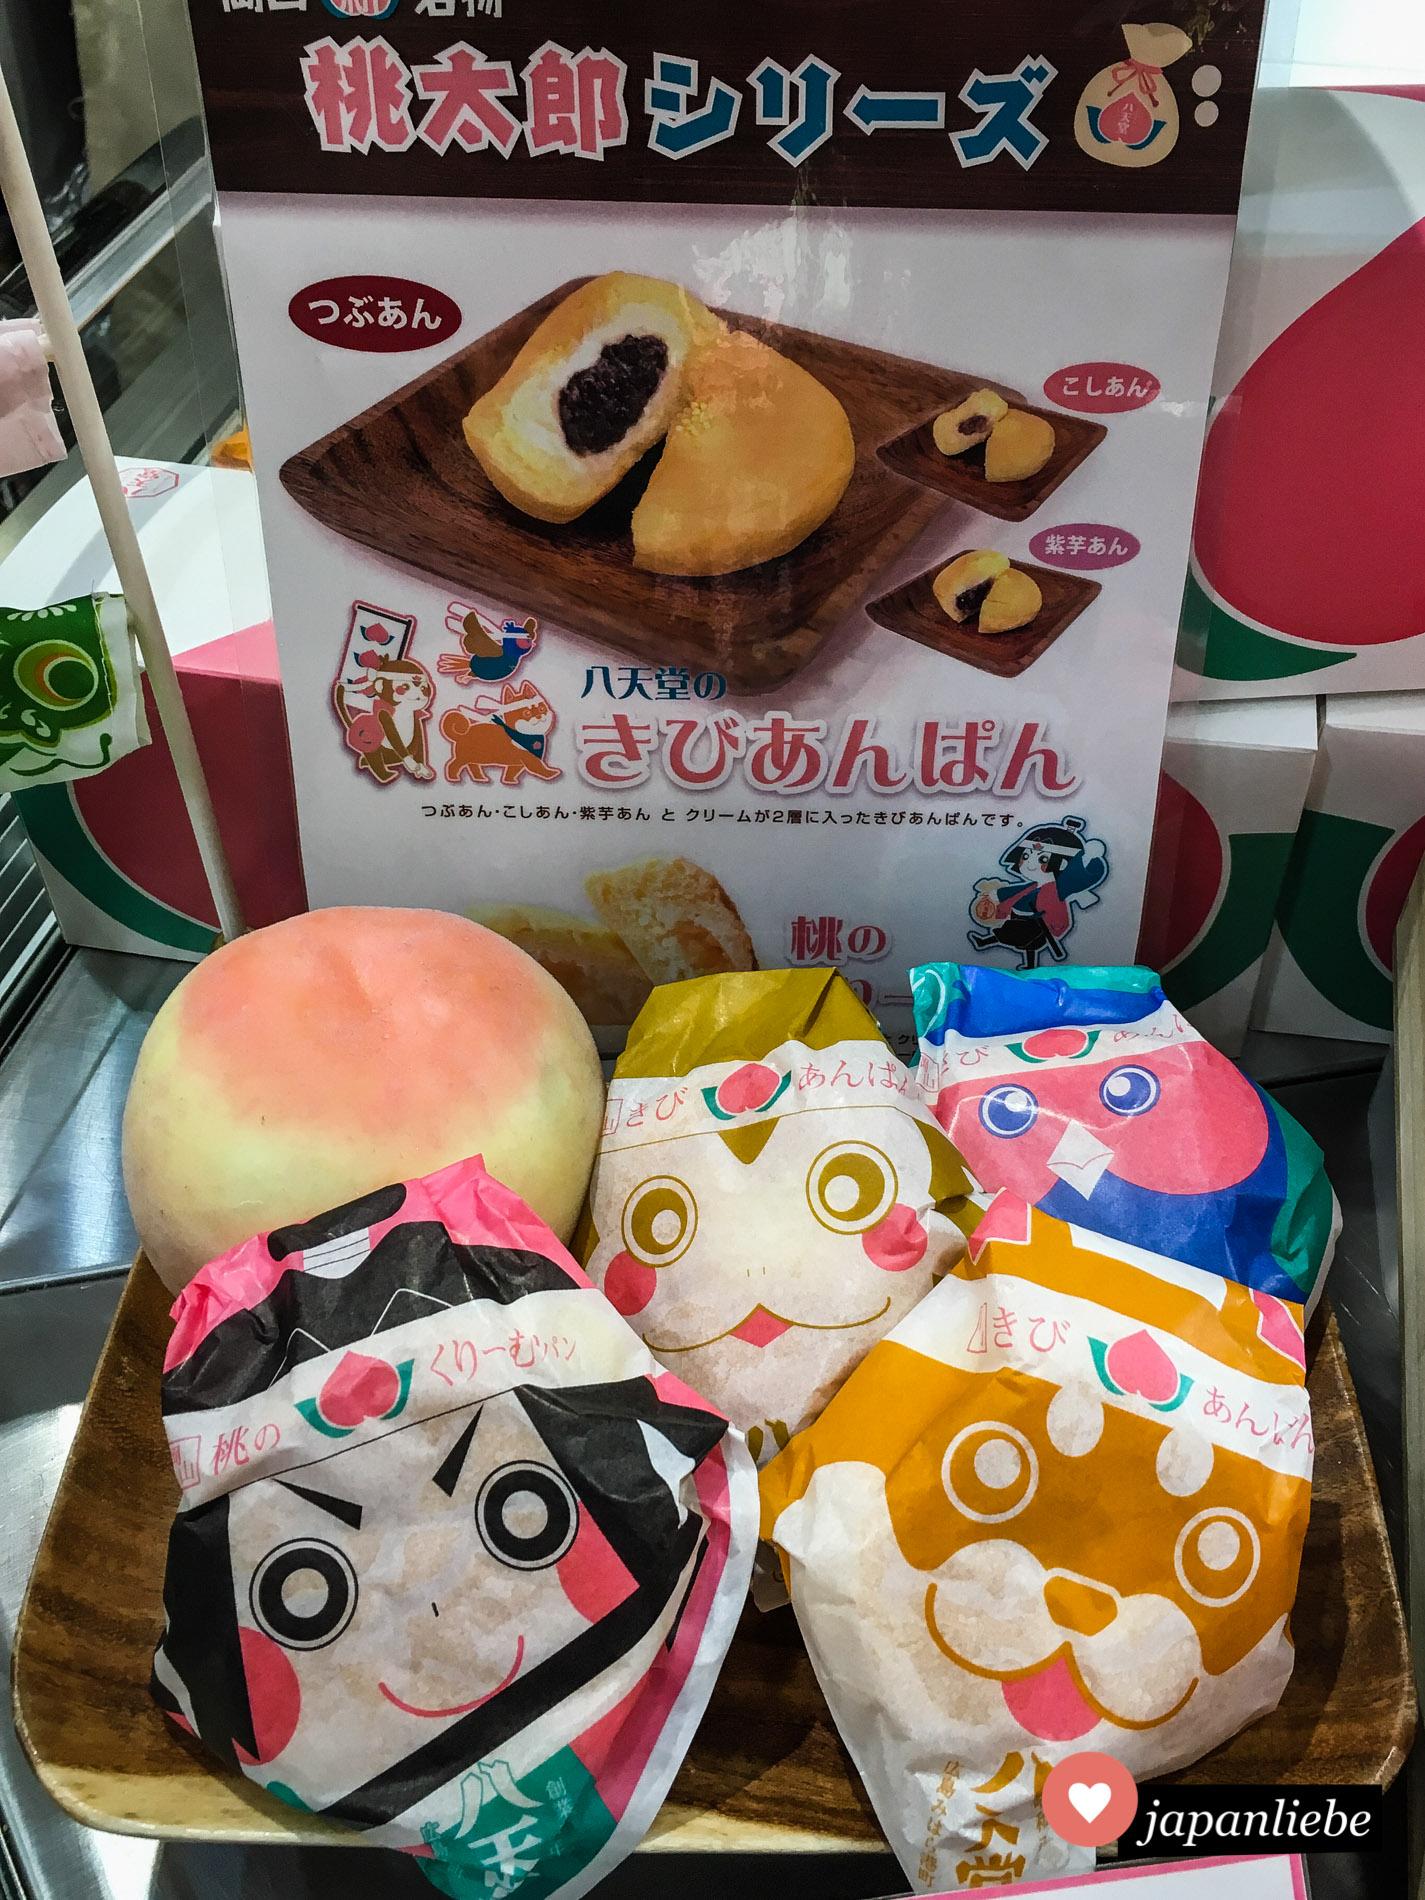 Nicht nur kibidango haben in Okayama ein Momotarō-Design. Auch kibianpan-Brötchen gefüllt mit roter Bohnenpaste kommen in entsprechender Verpackung.